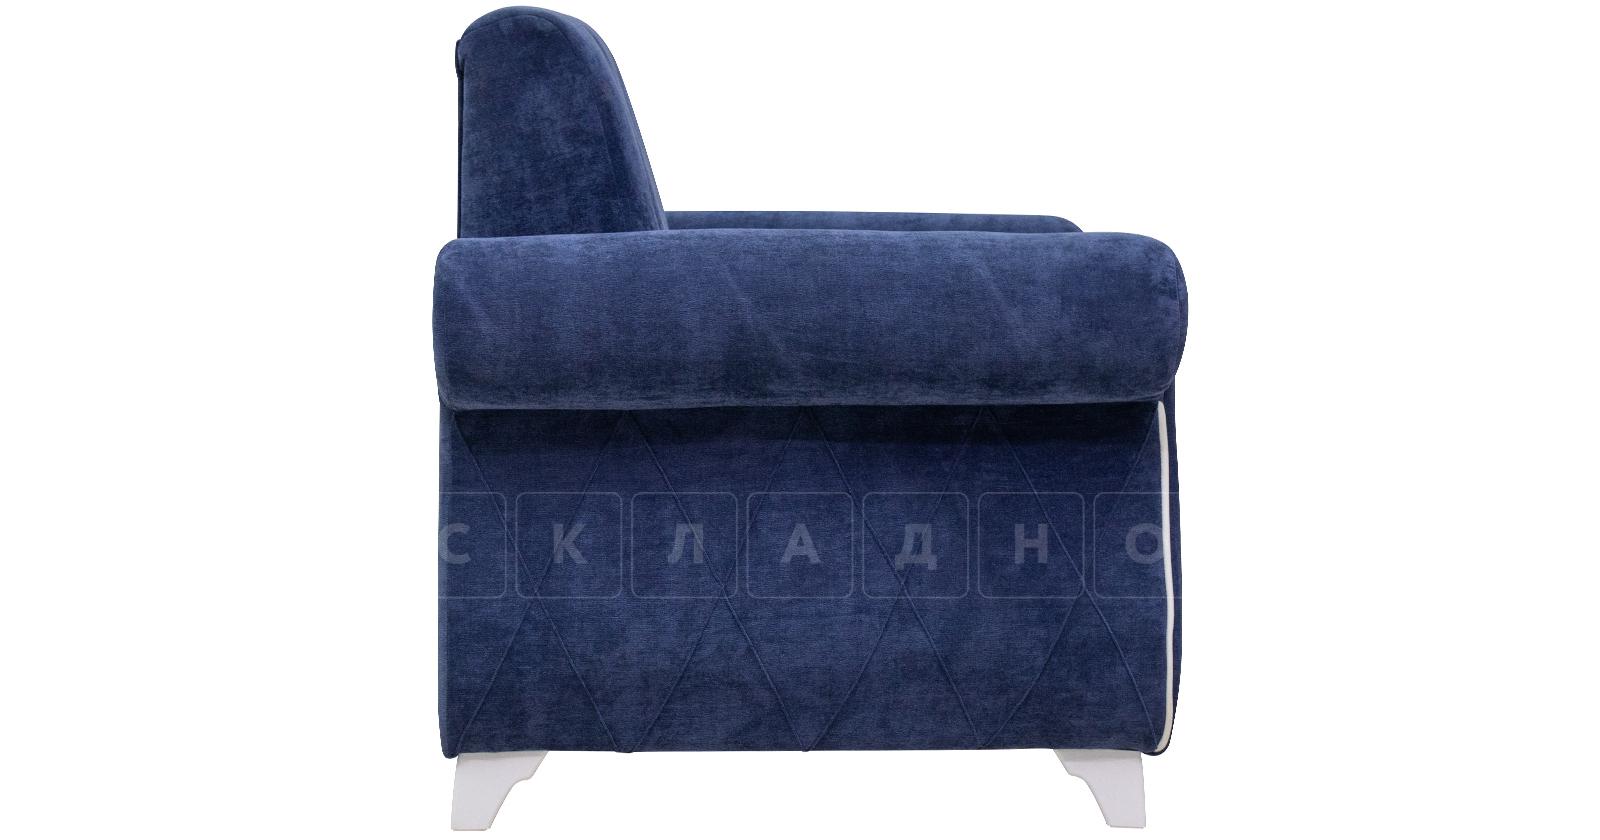 Кресло для отдыха Роза чернильный синий фото 3 | интернет-магазин Складно